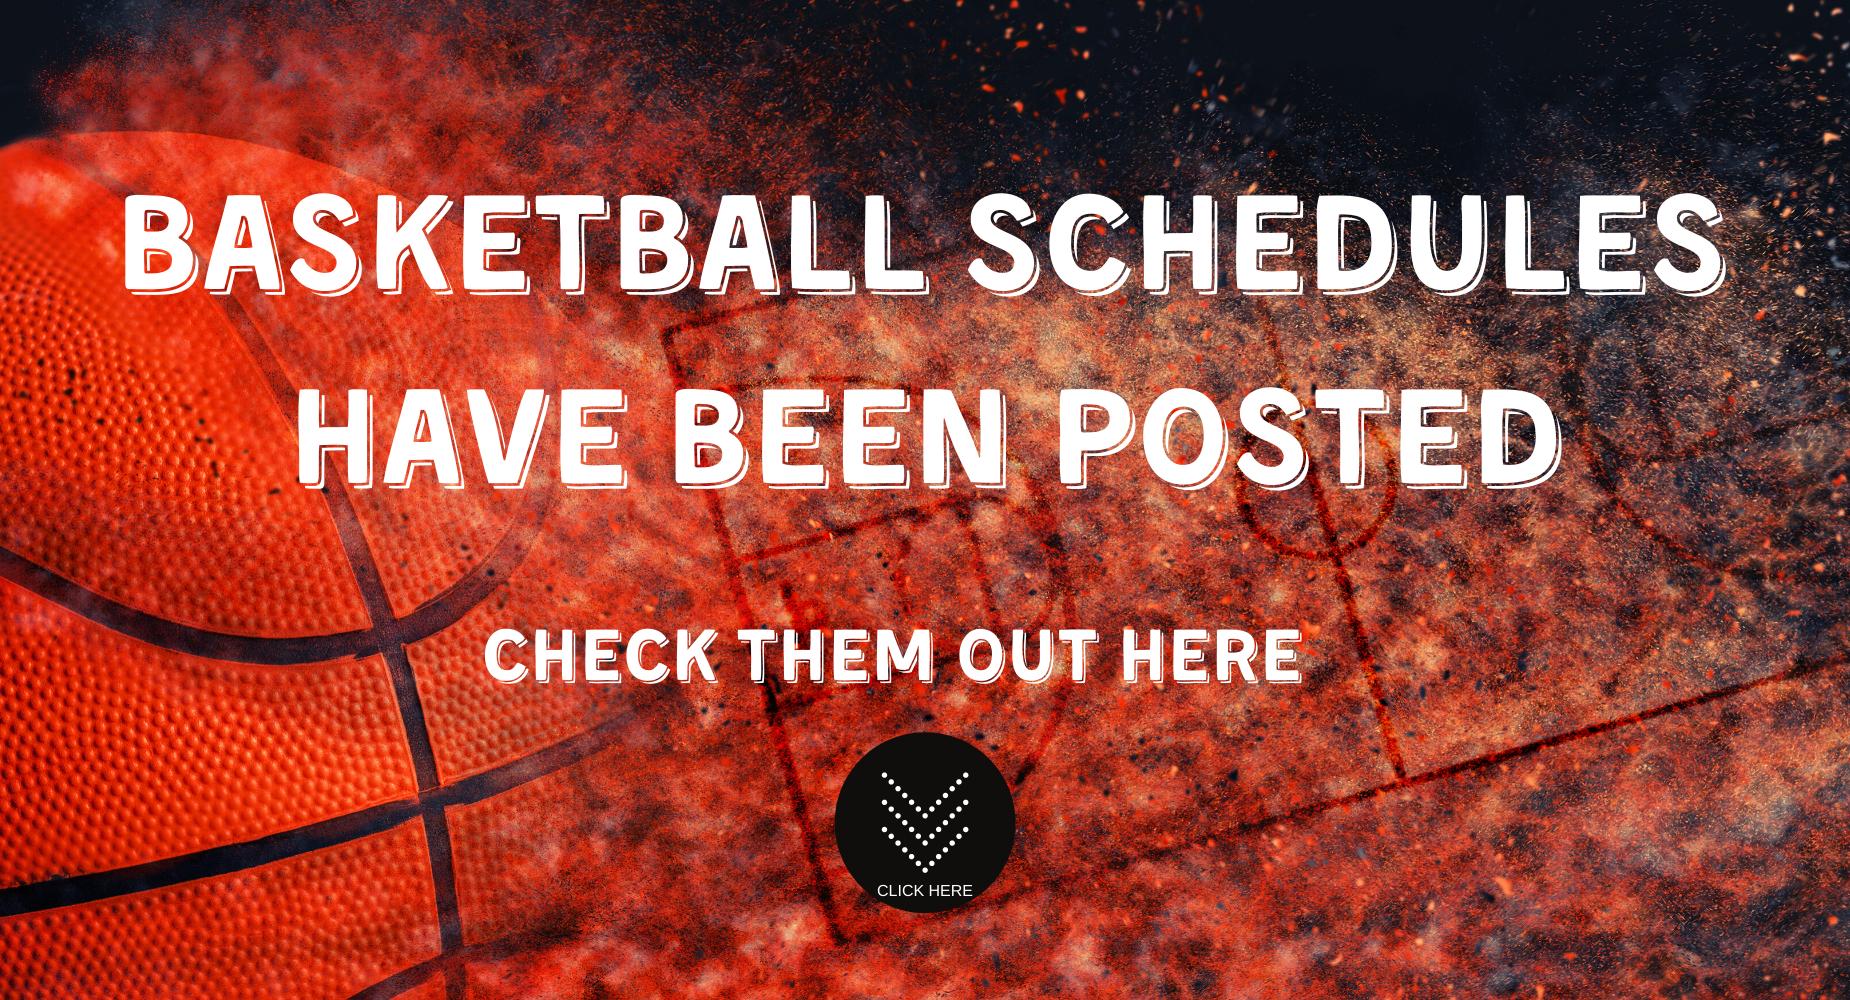 www.slp.k12.la.us/apps/pages/athletic_schedules